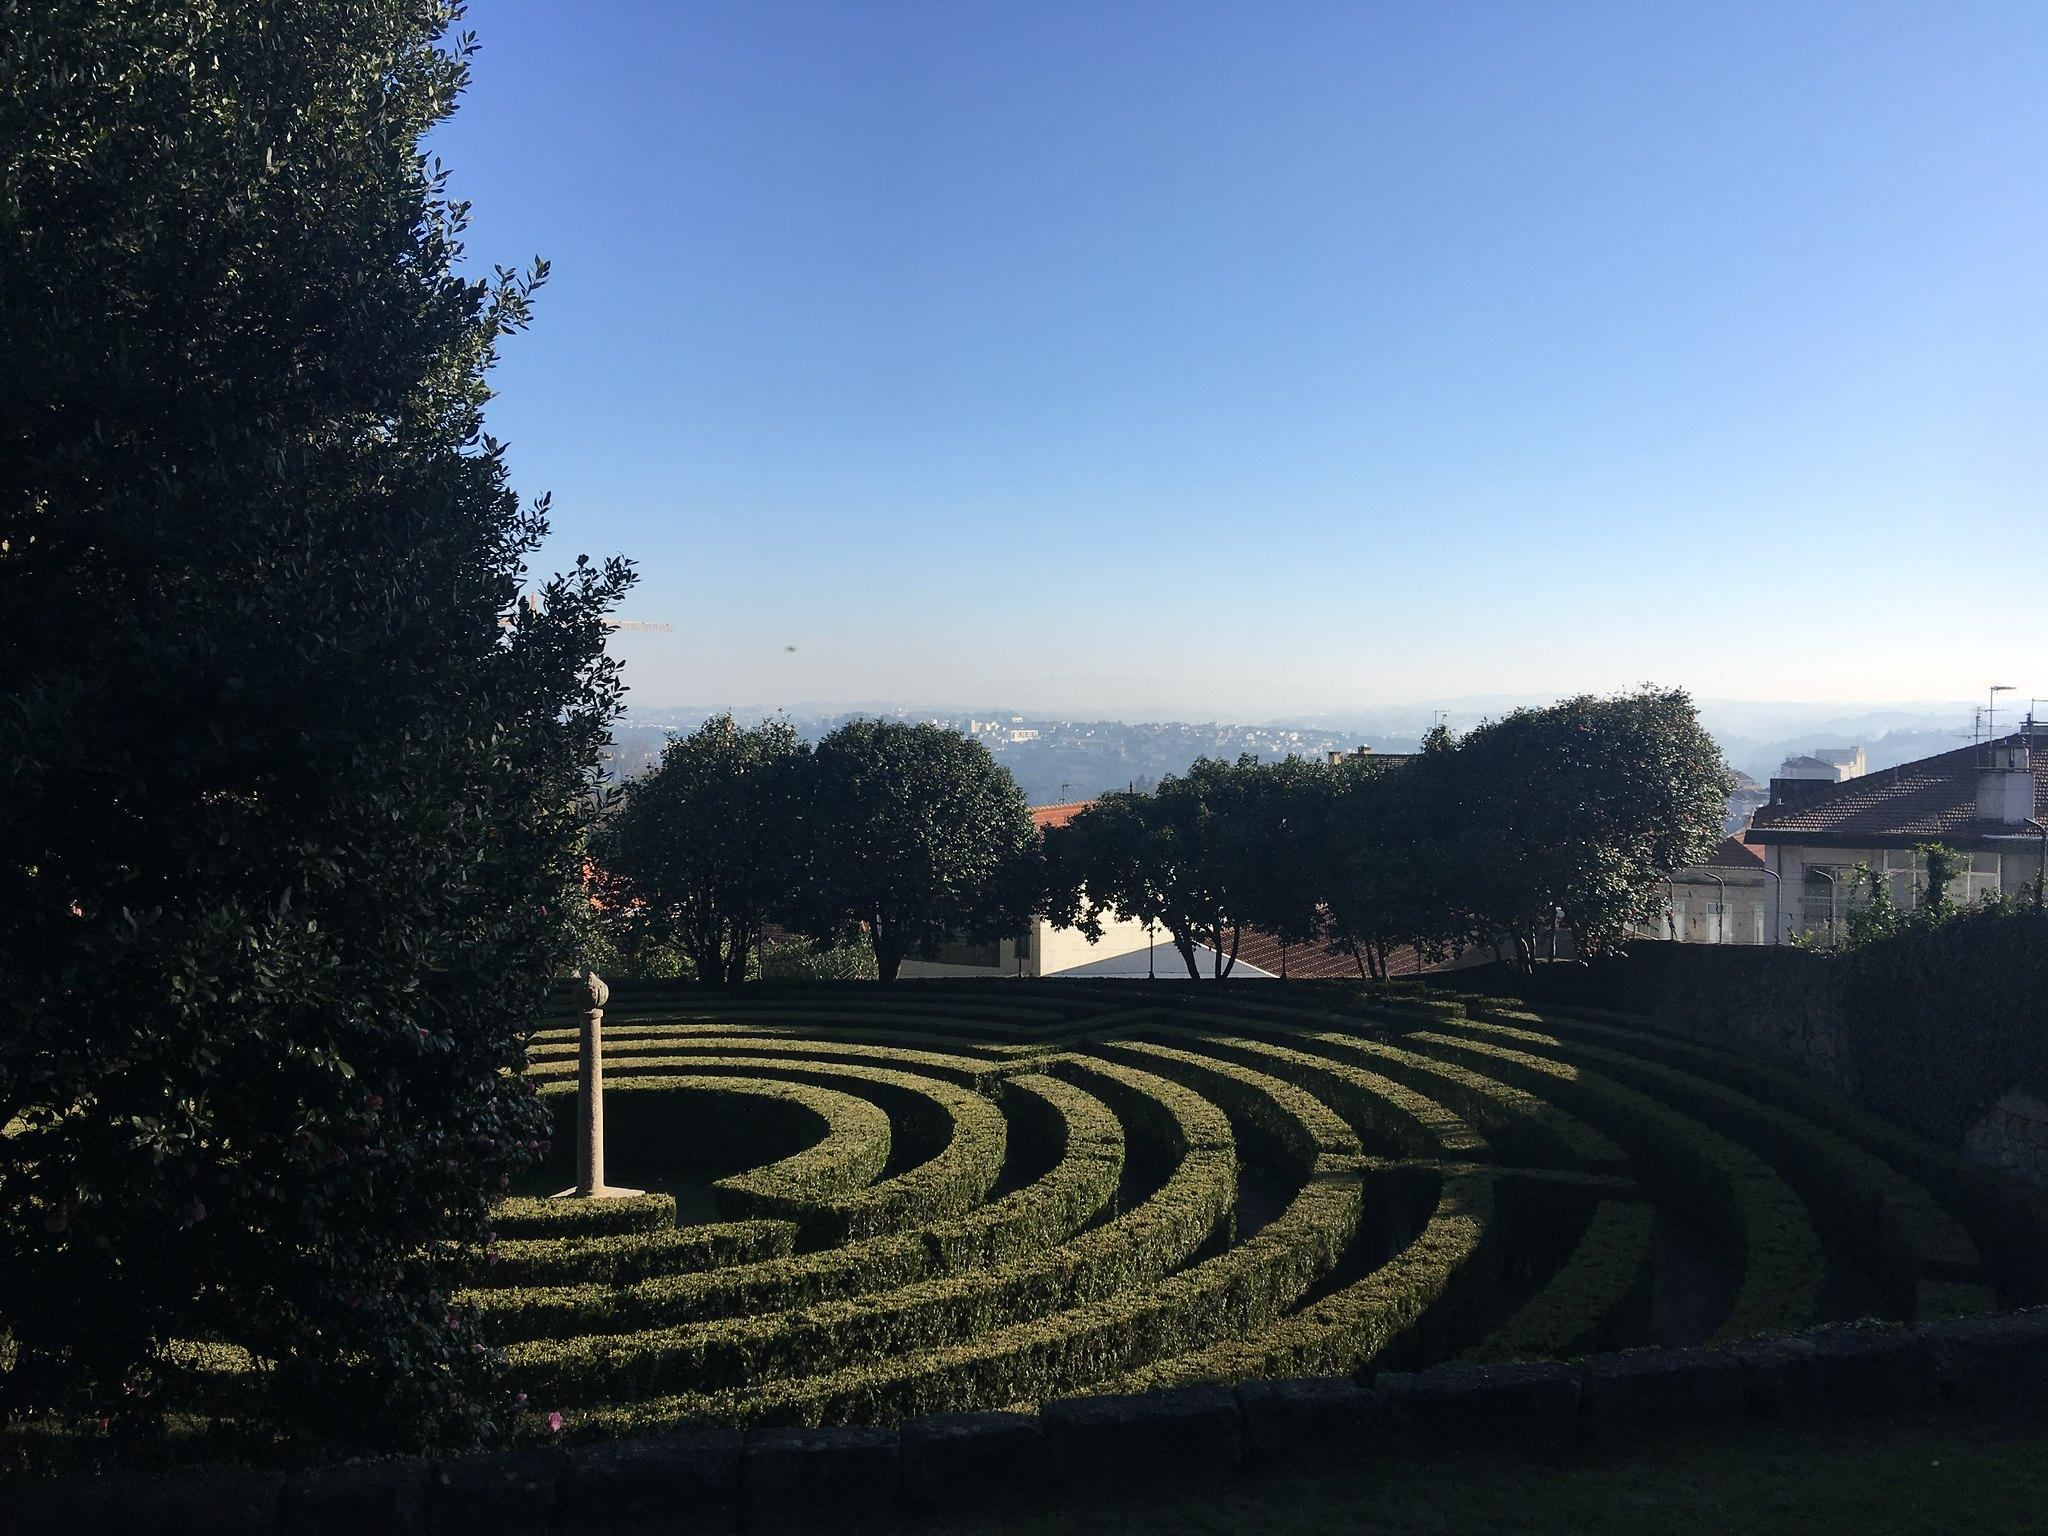 porto portugal parque de sao roque labyrinth